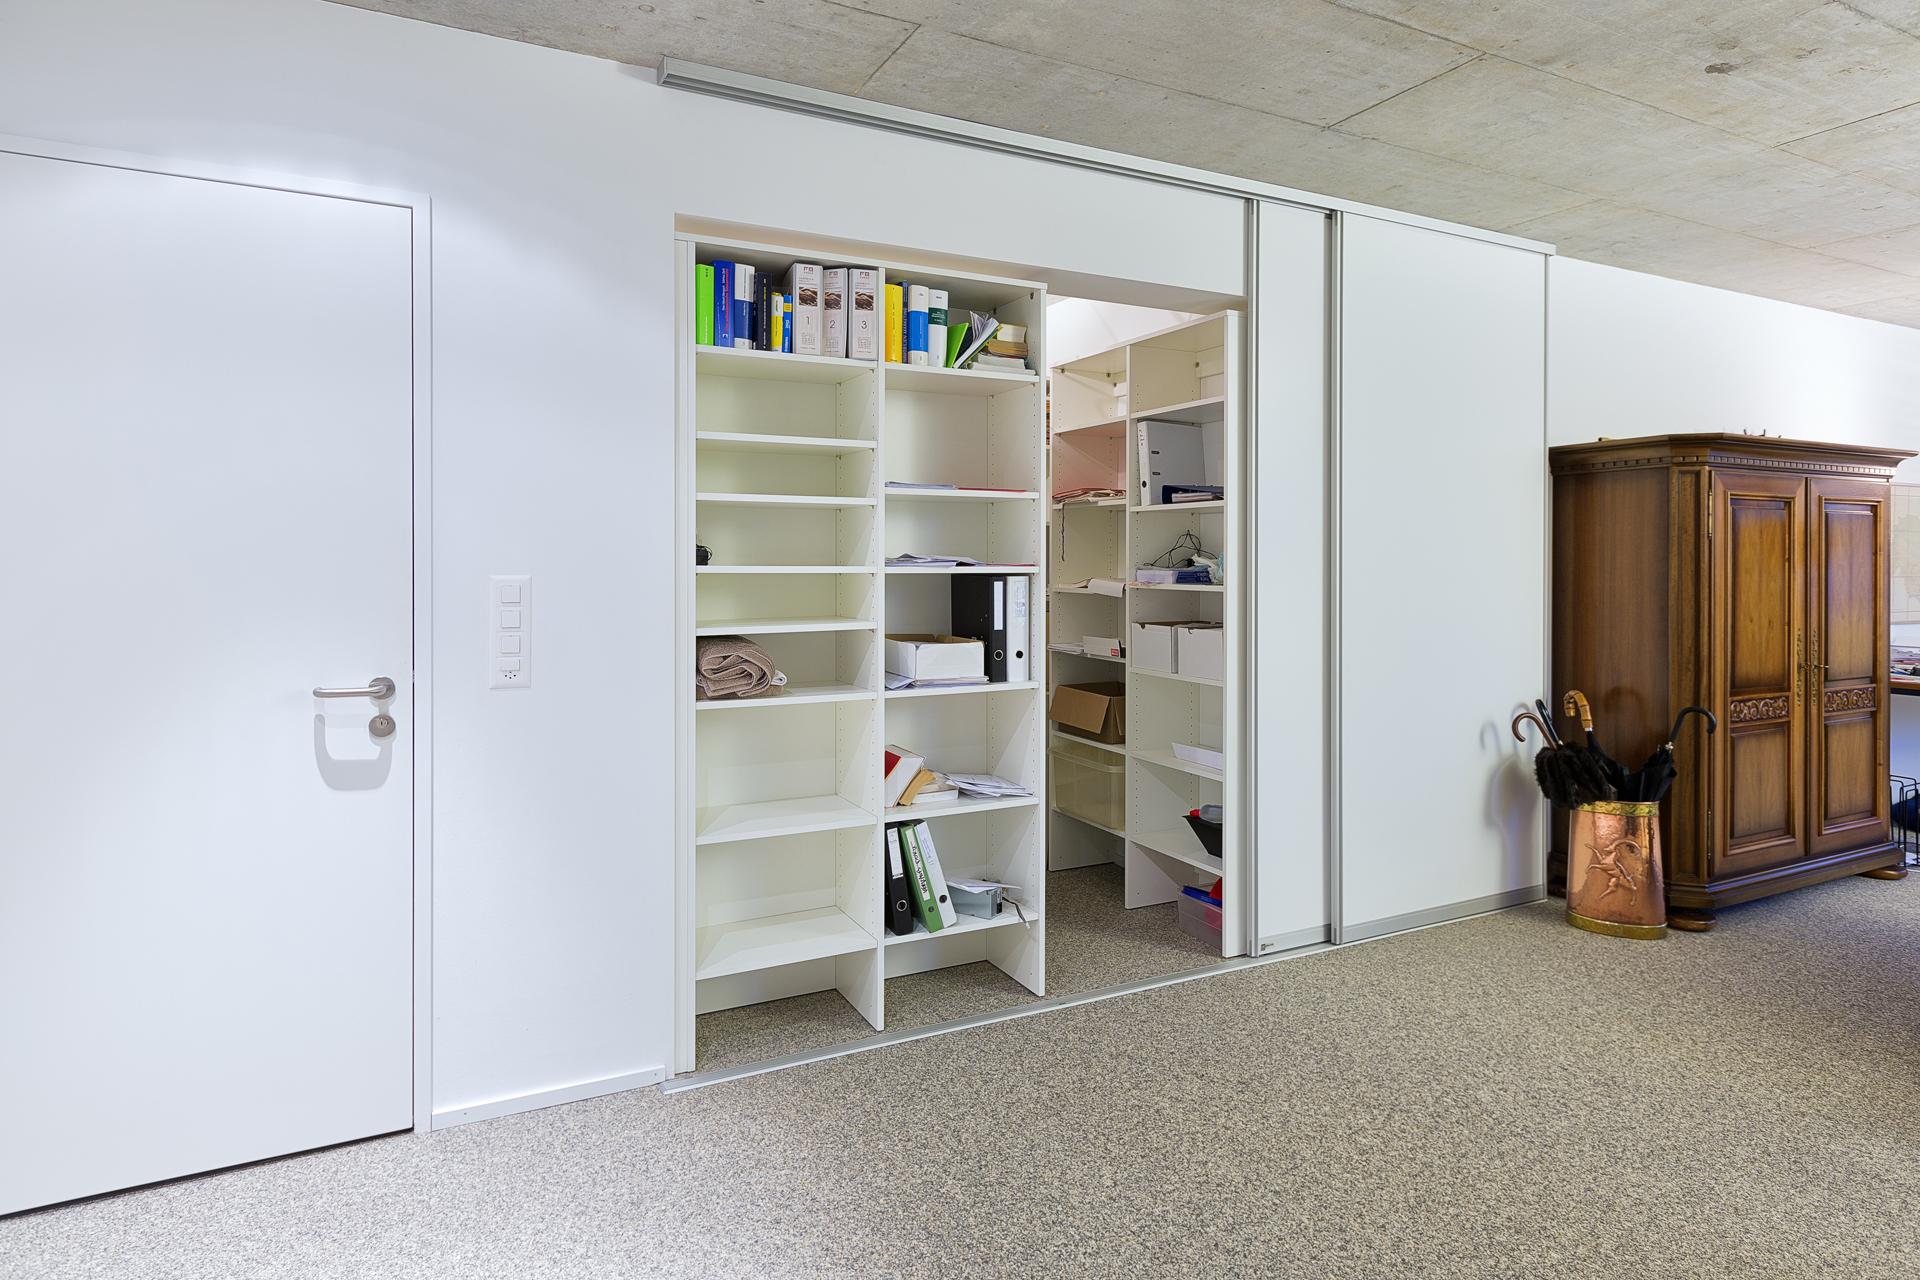 vor die wand gesetzte schiebewand als raumteiler auf zu. Black Bedroom Furniture Sets. Home Design Ideas